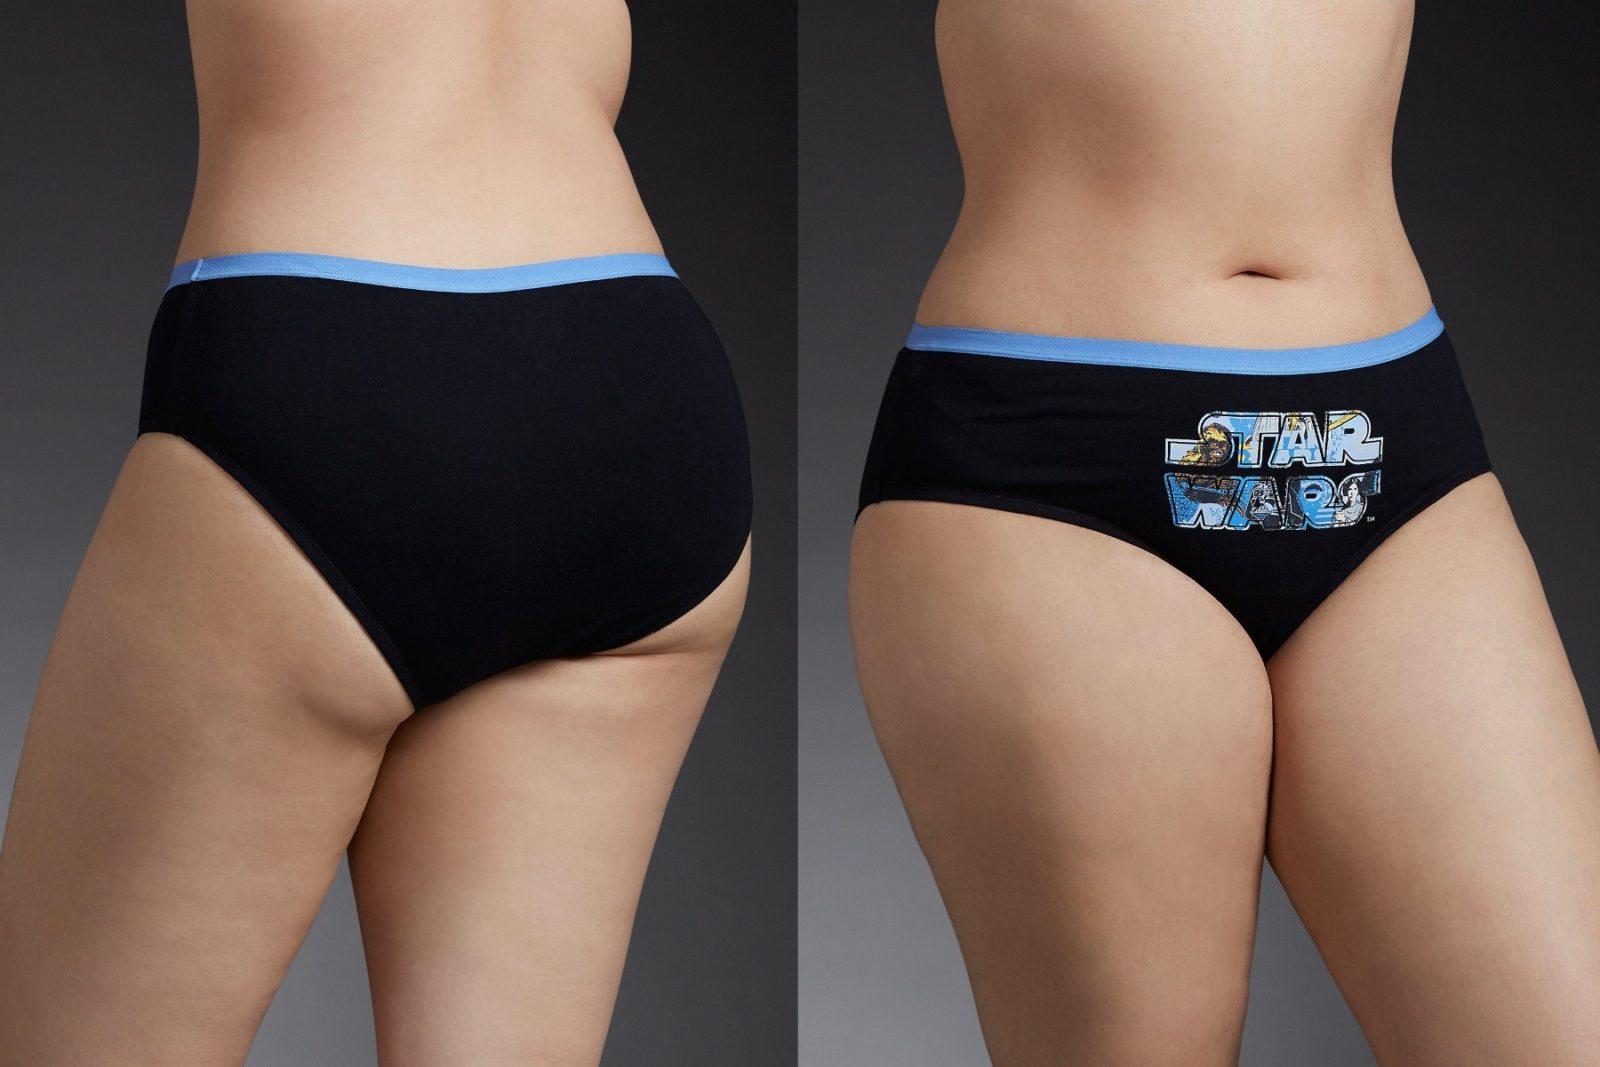 Women's Star Wars panty at Torrid